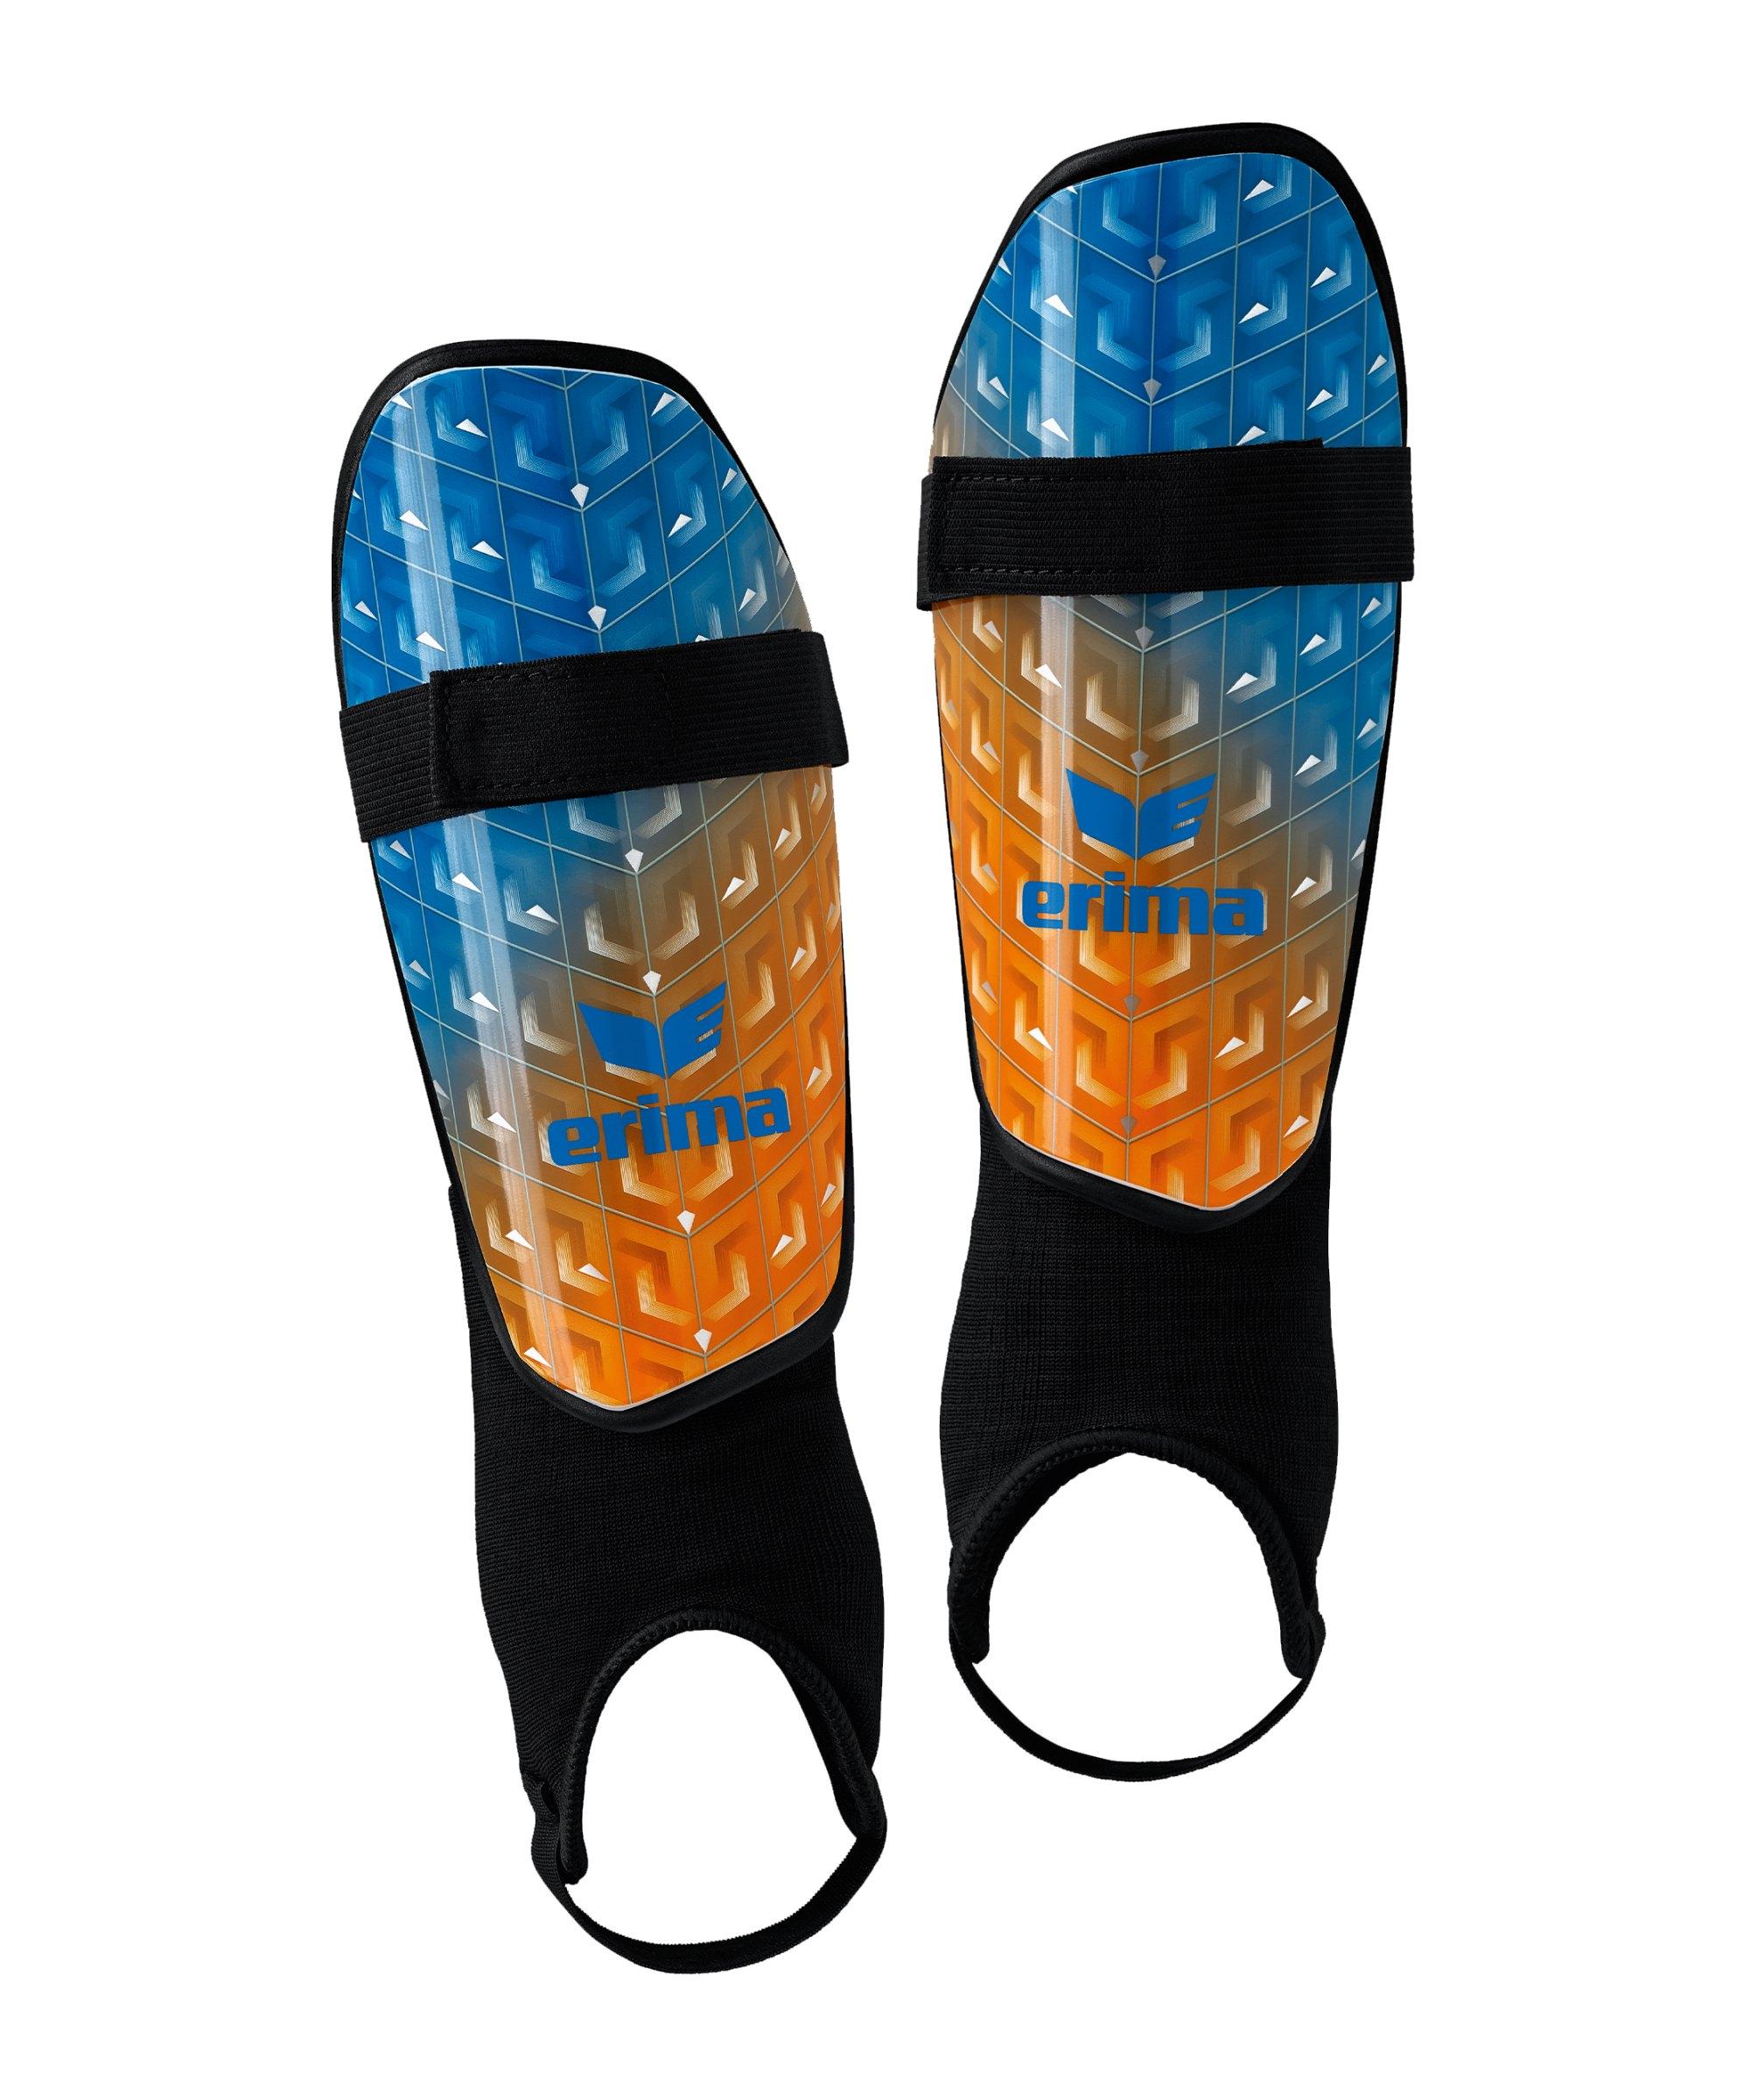 Erima Pango Classic Schienbeinschoner Blau Orange - blau